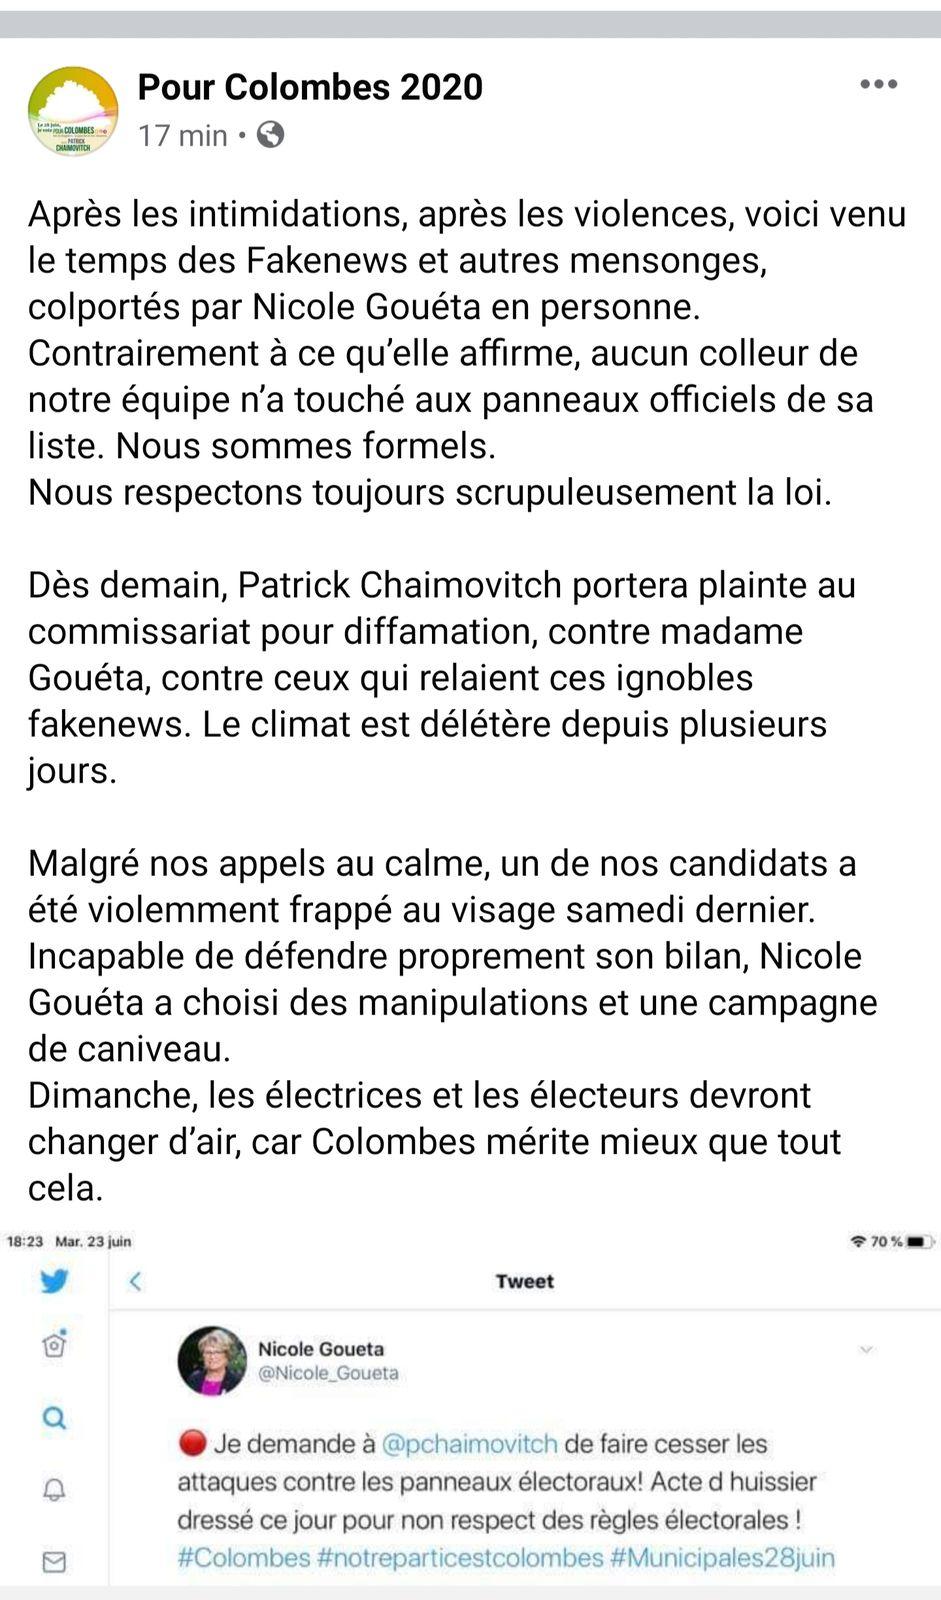 Dépôt de plainte en diffamation contre Nicole GOUETA par la liste #PourColombes et Patrick CHAIMOVITCH